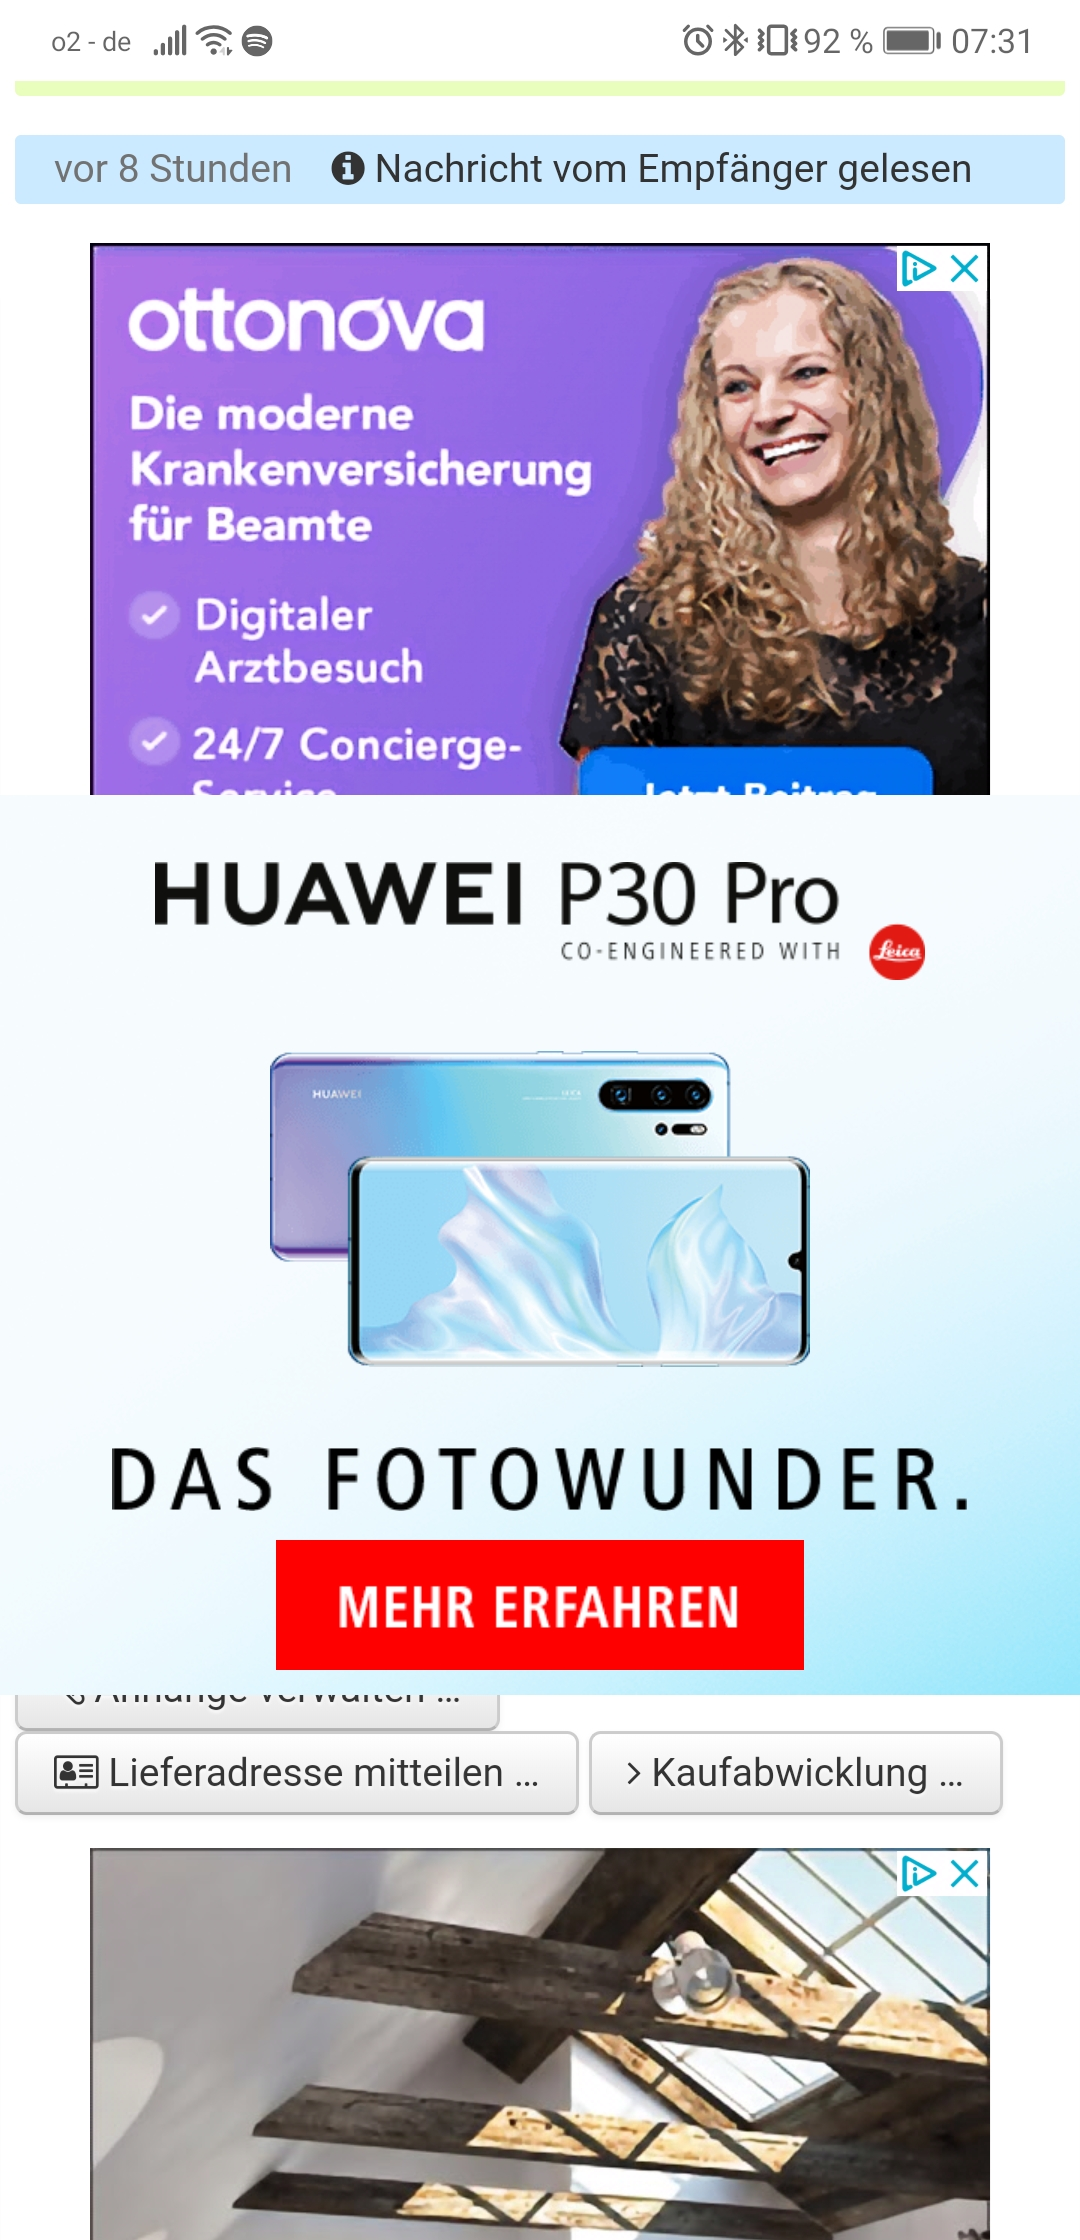 Screenshot_20190413_073141_com.android.chrome.jpg